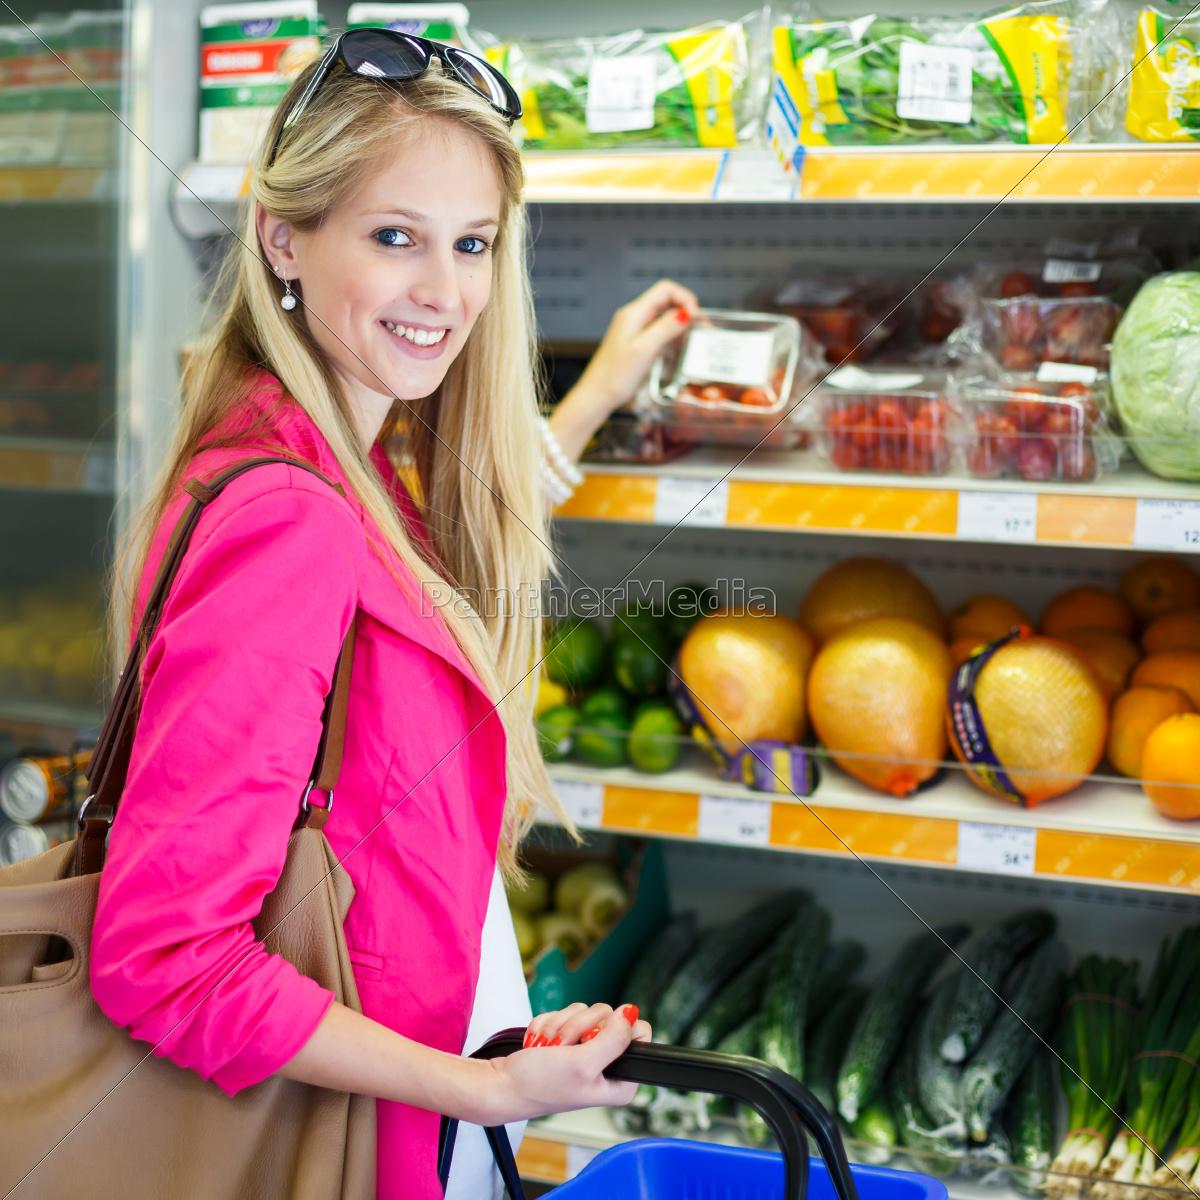 beautiful, young, woman, shopping, in, a - 10150109